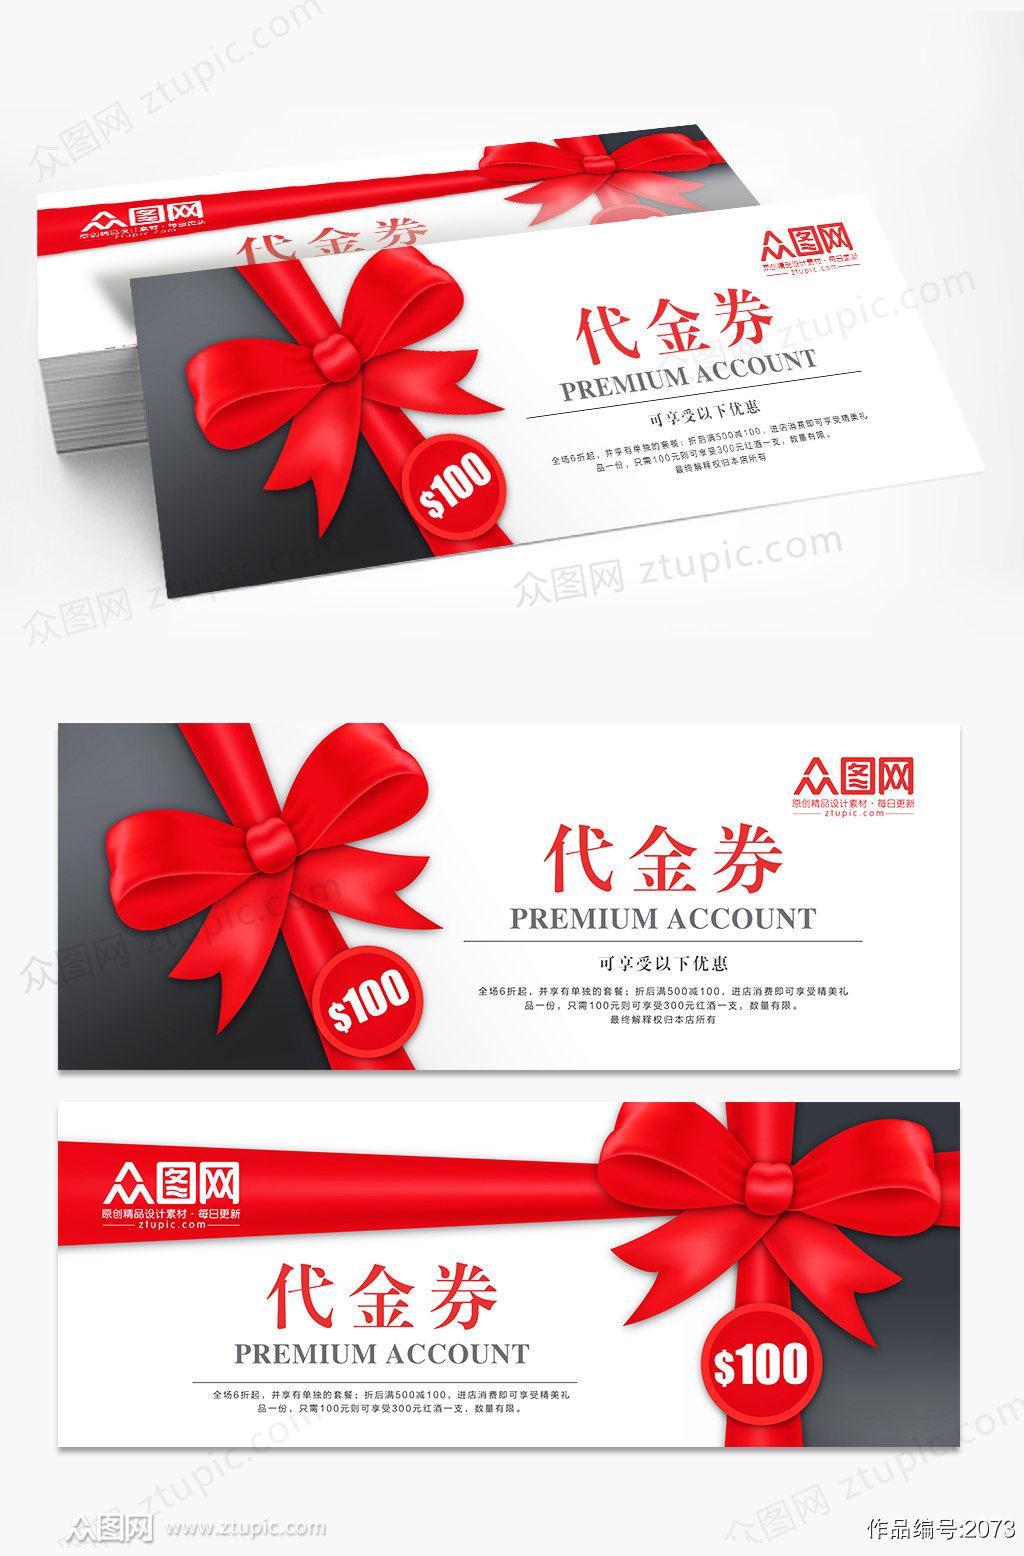 红黑色彩带蝴蝶结通用版100元代金券素材